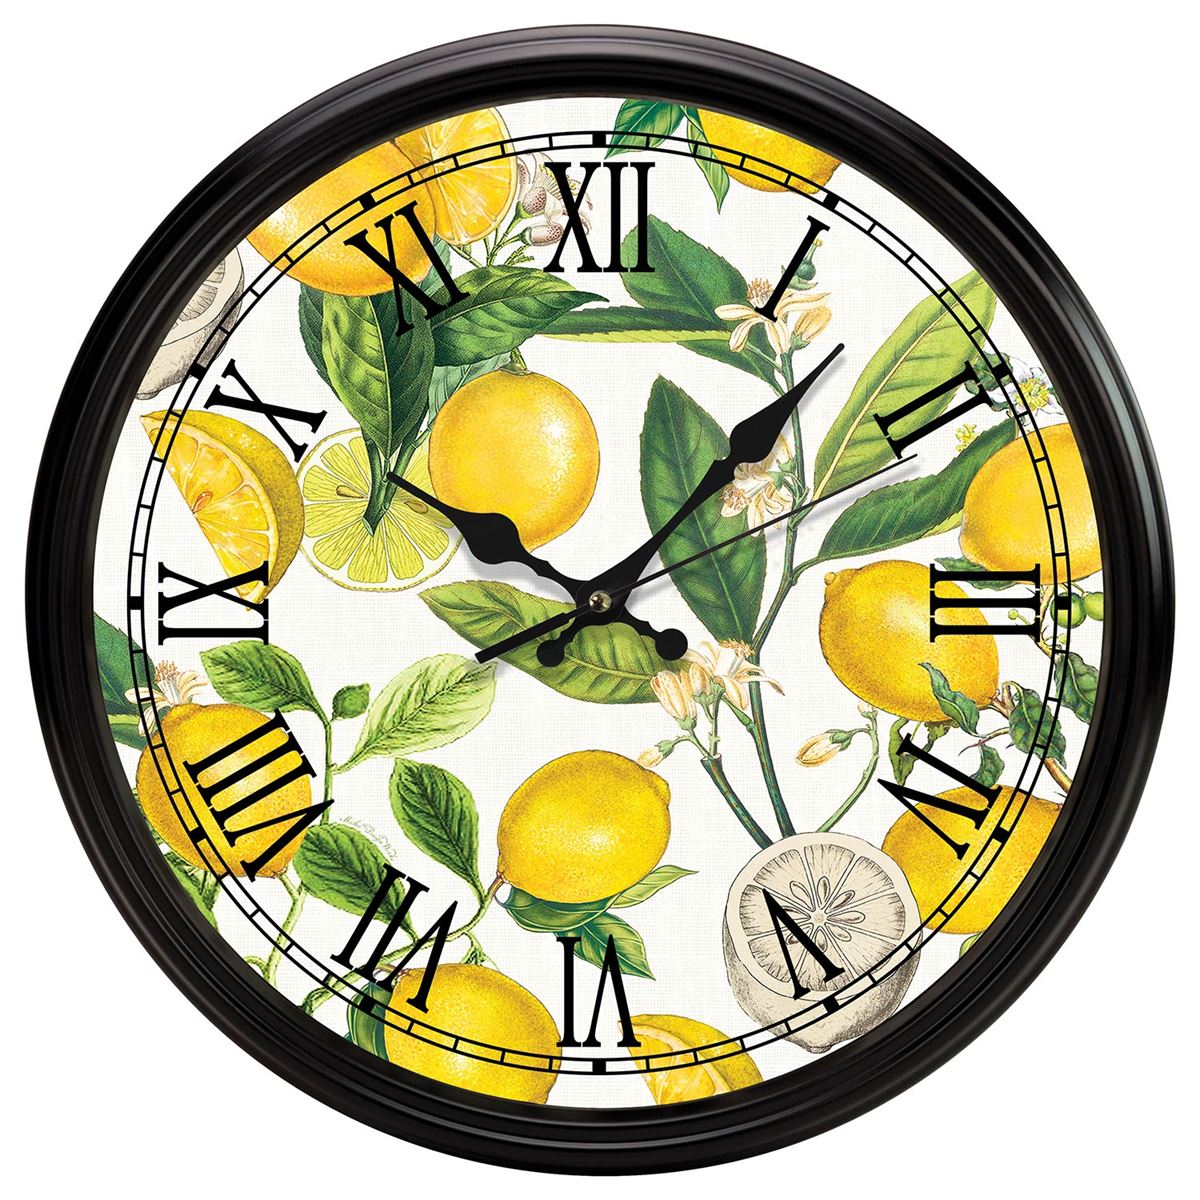 kitchen clocks restoring cabinets michel design works clock lemon basil